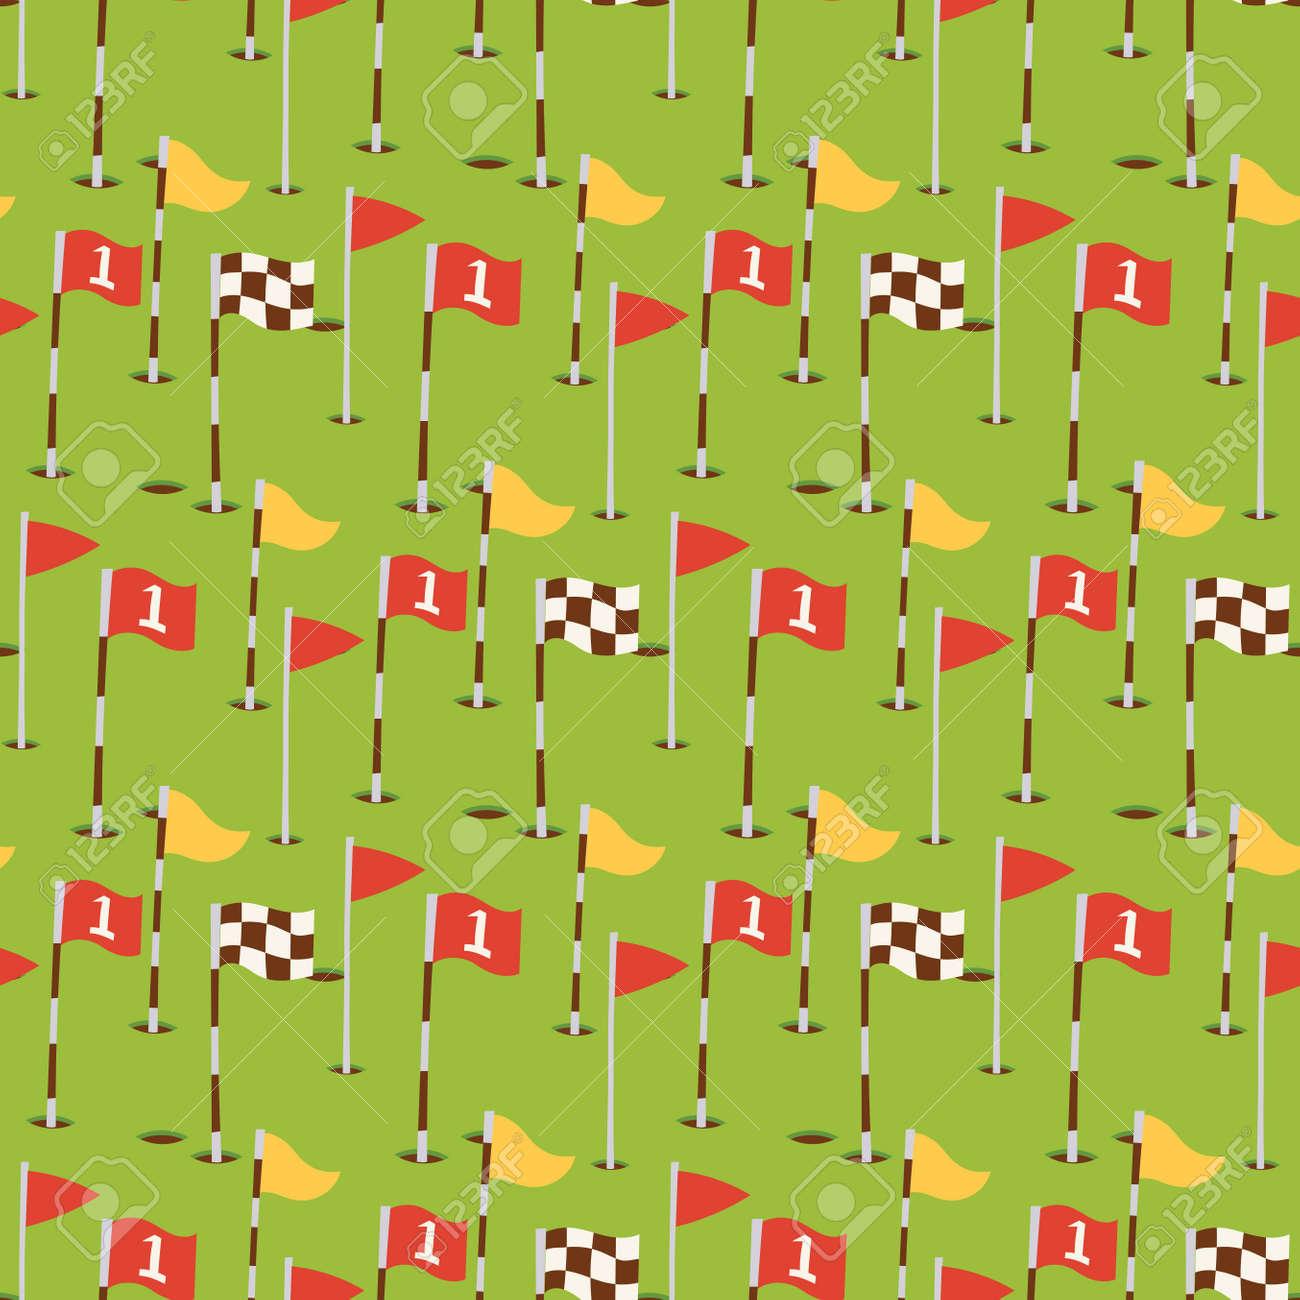 Golf field flags hobby equipment cart player golfing sport symbol